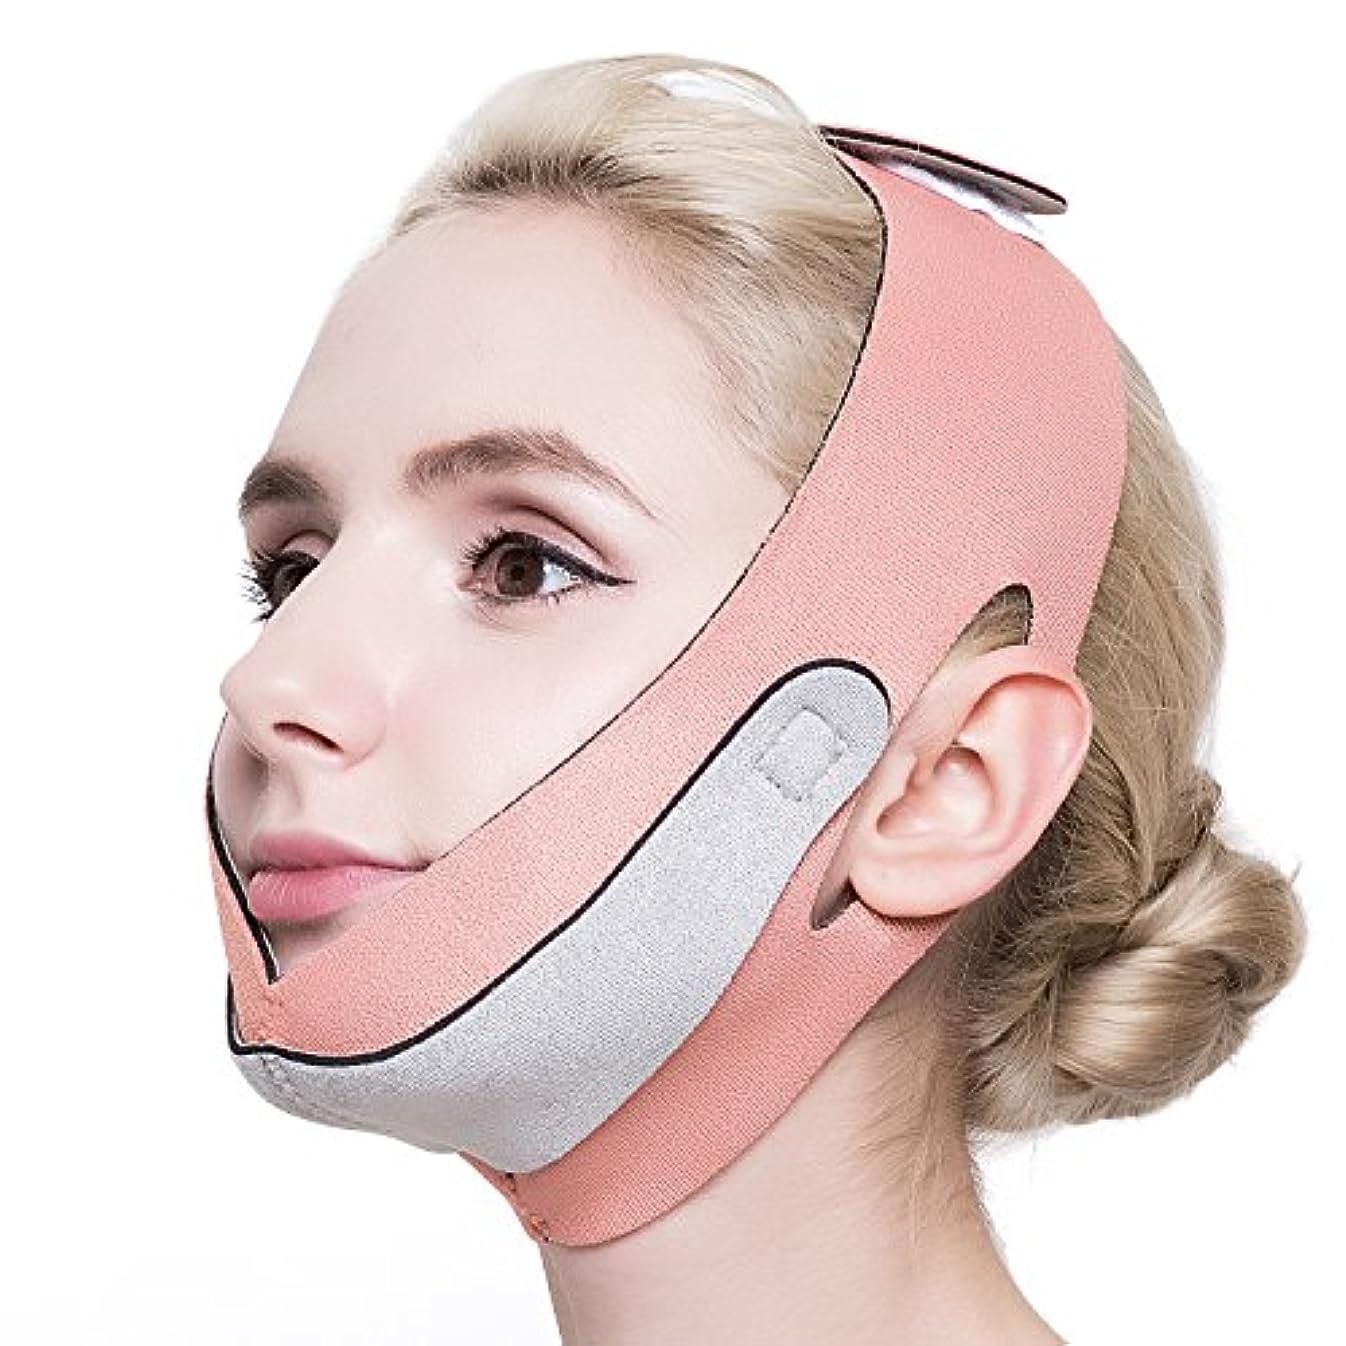 ソース教育する禁止するPLEASINGSAN 小顔 矯正 顔痩せ グッズ フェイスマスク ベルト メンズ レディース